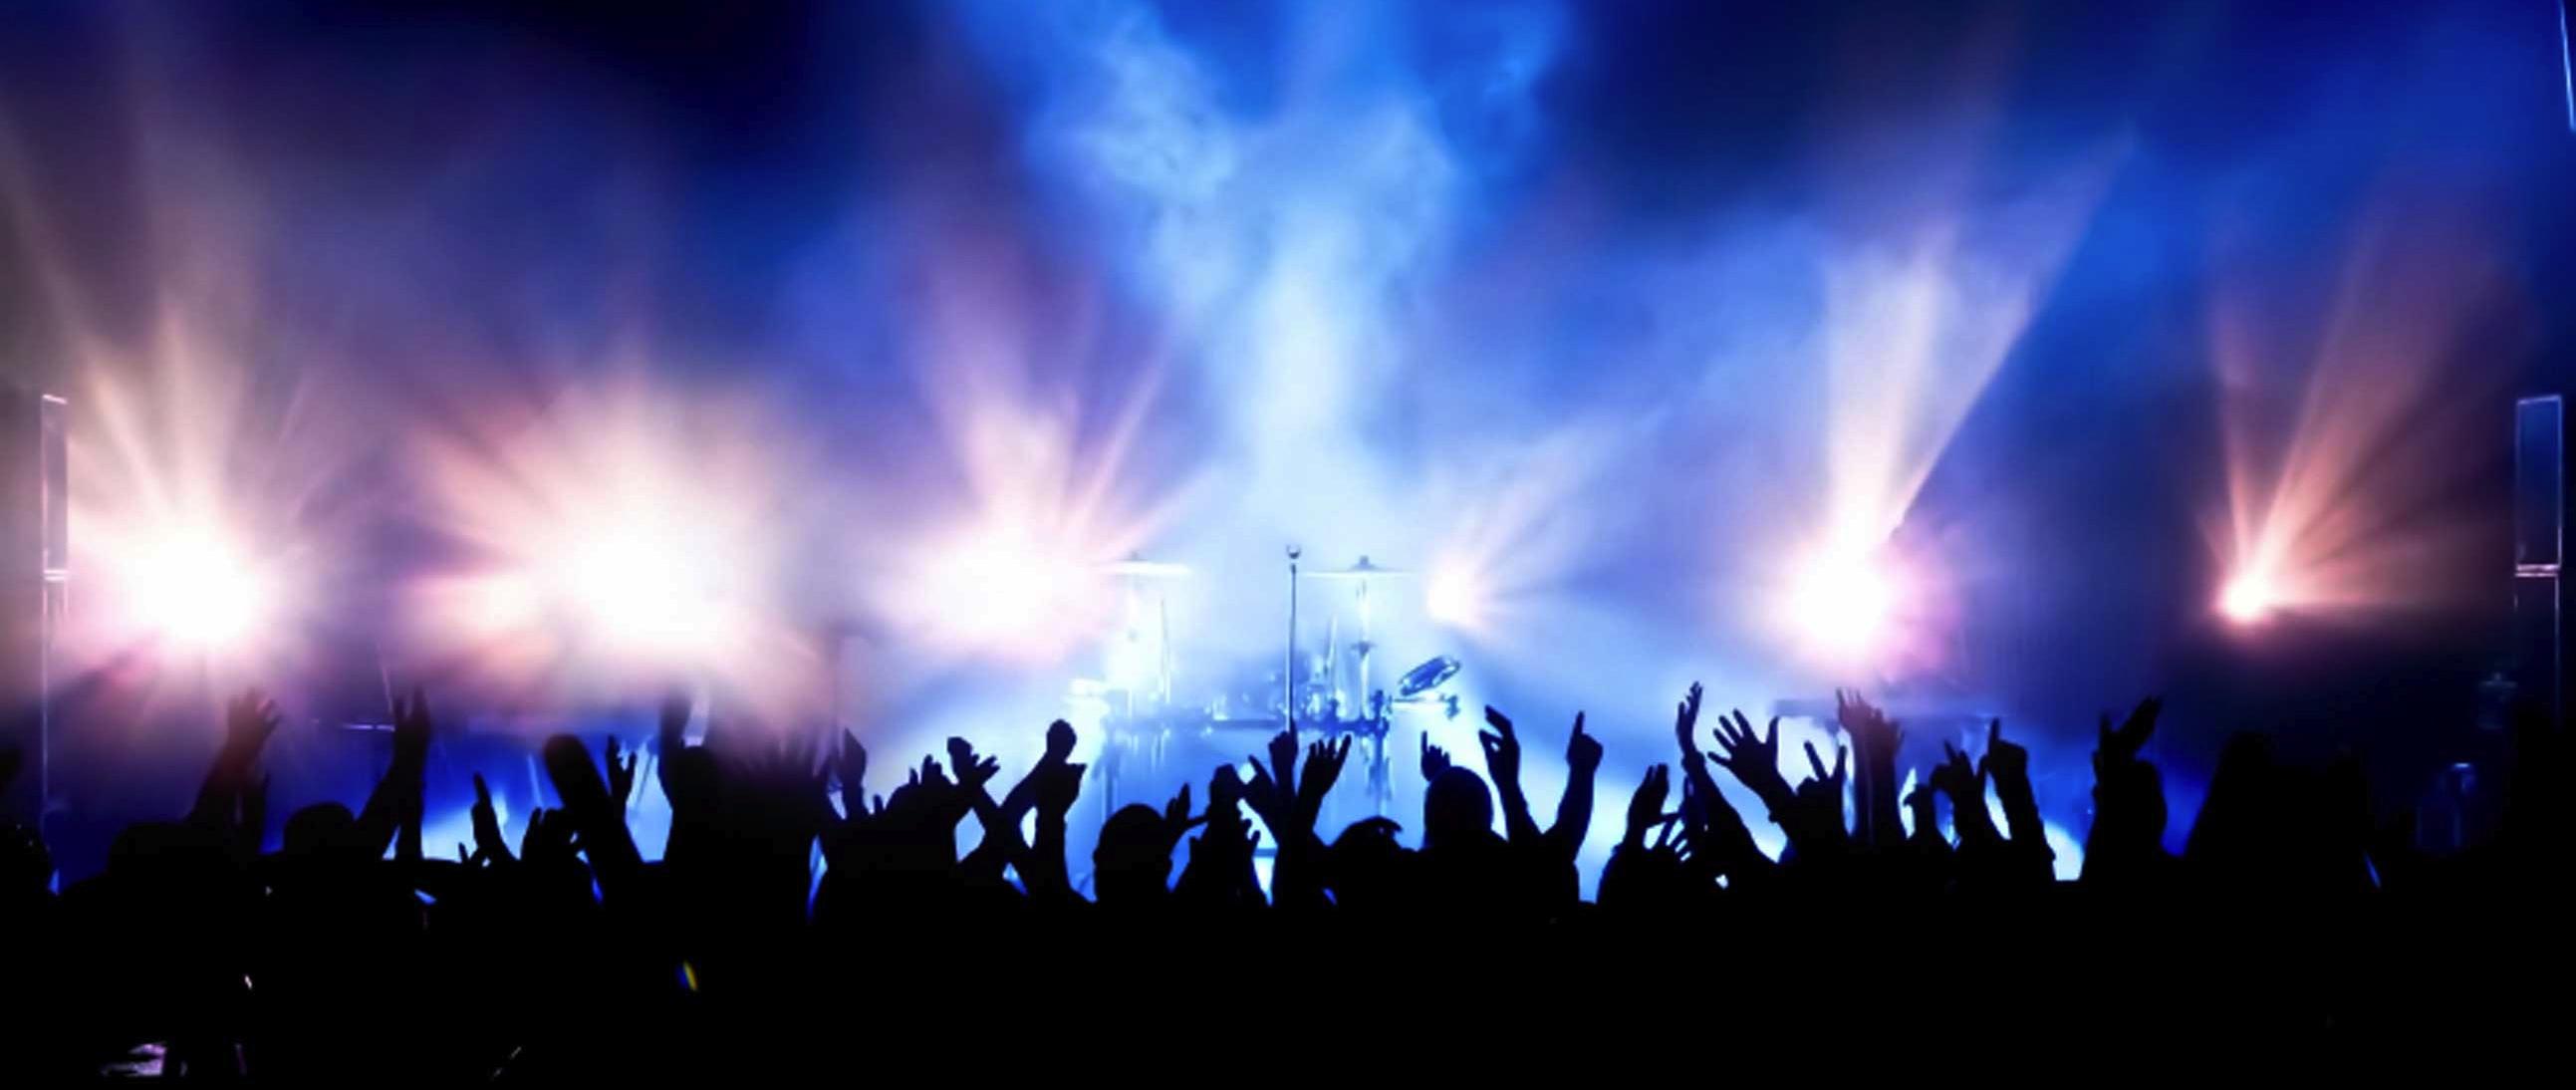 concert crowd crop | Humorless Productions